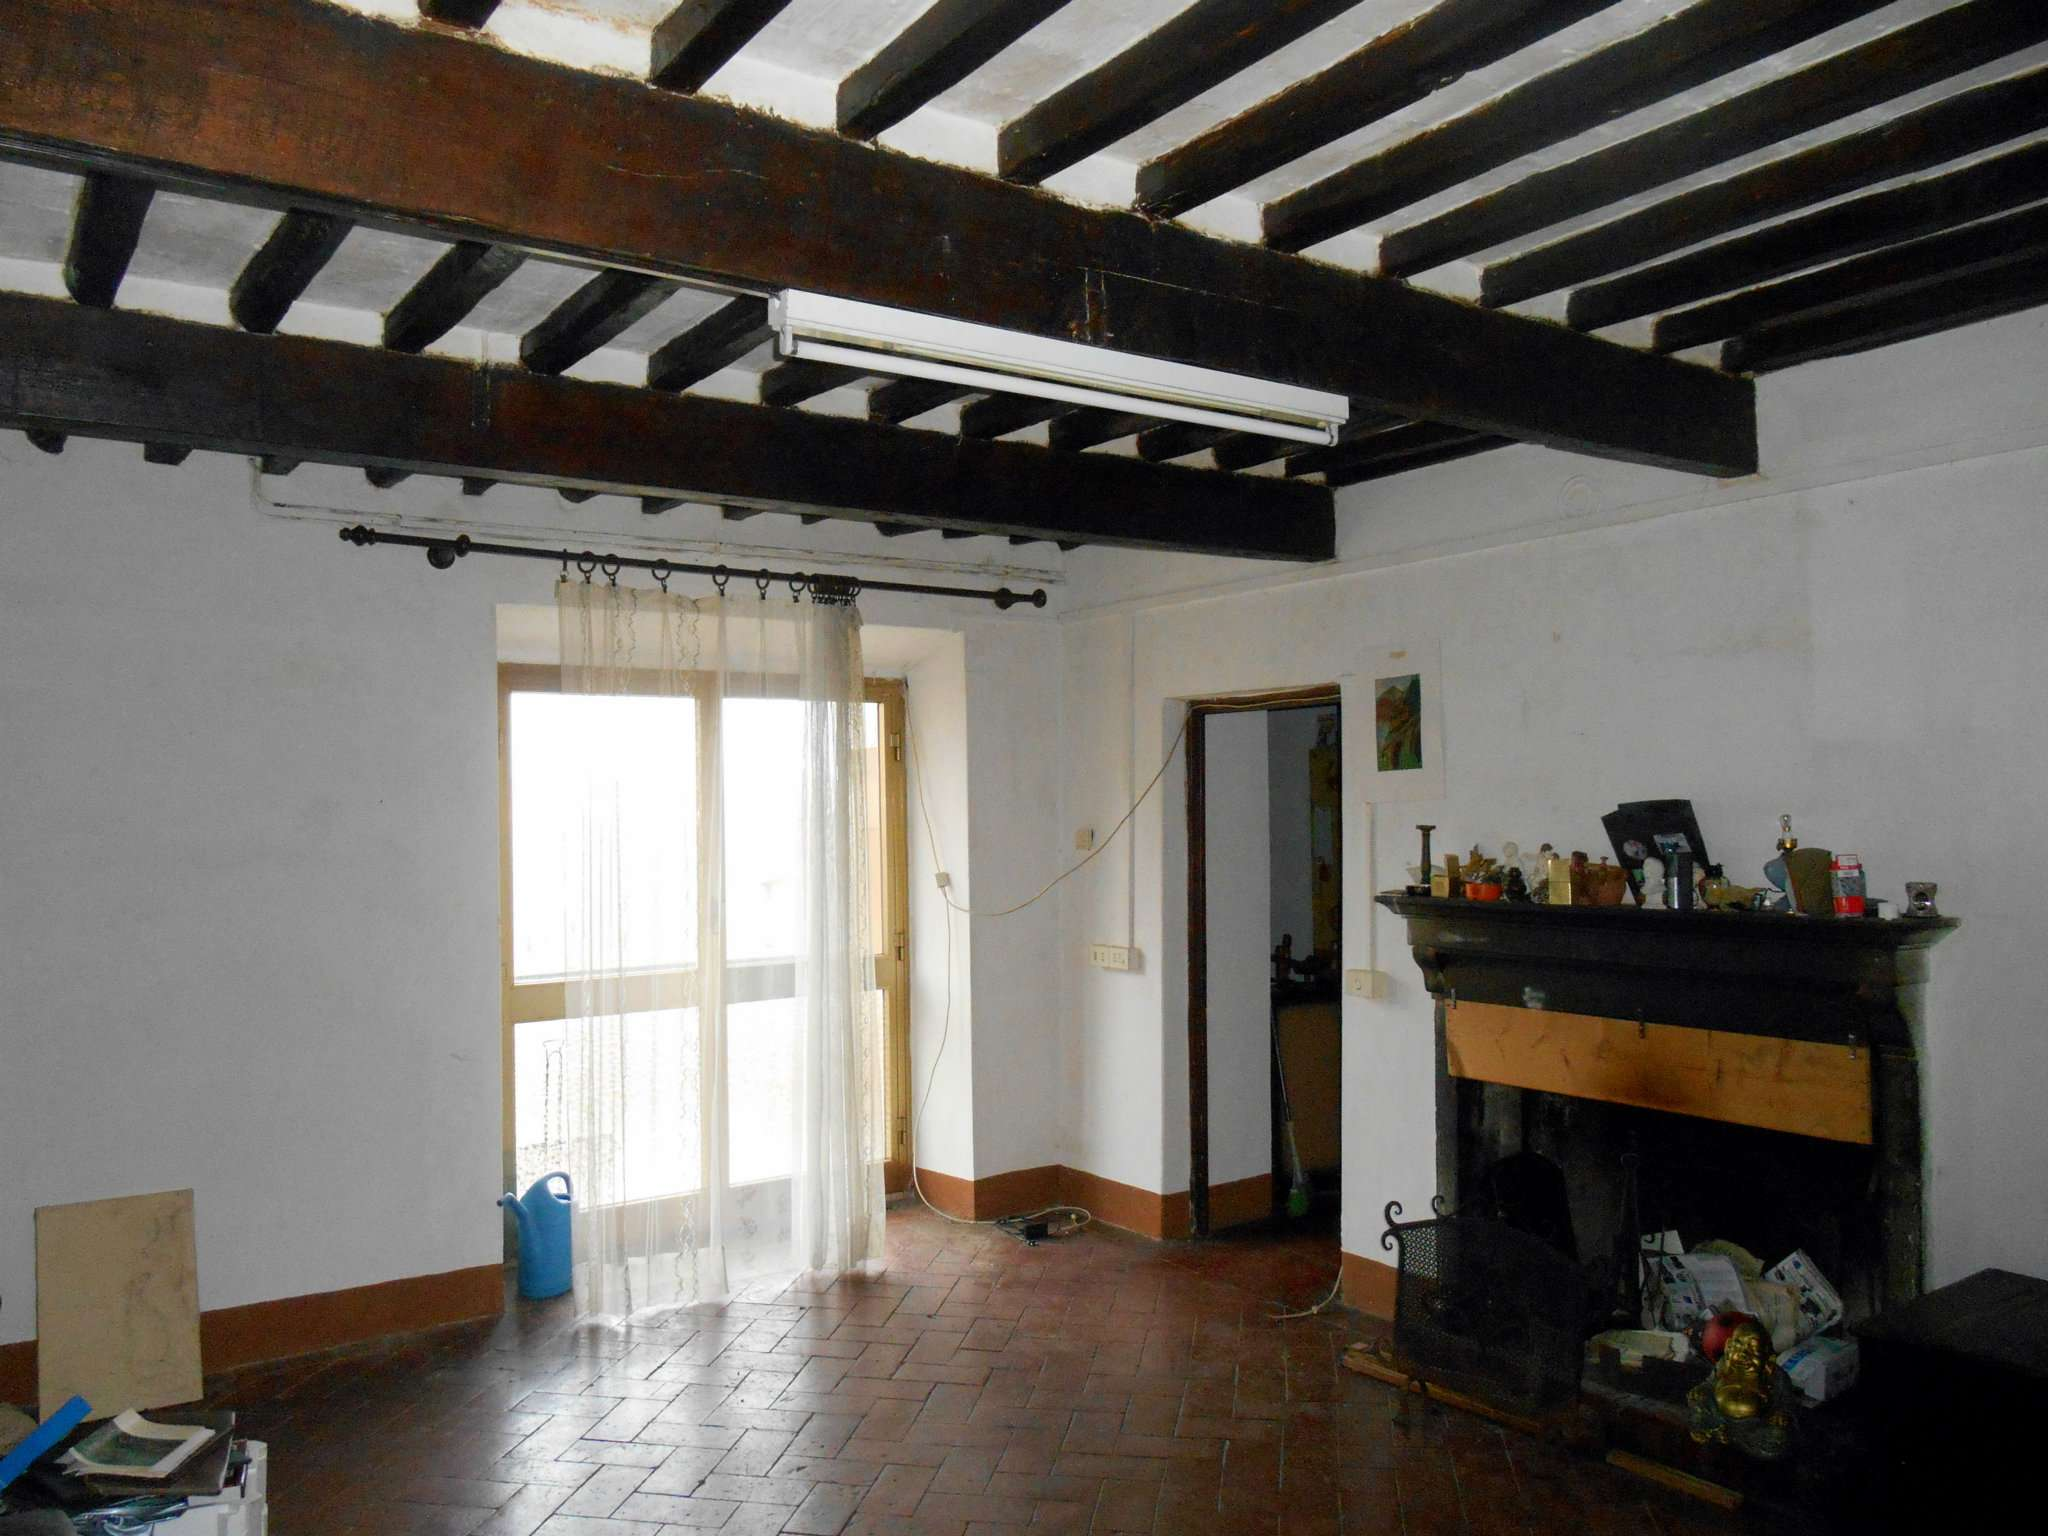 Palazzo / Stabile in vendita a Bagni di Lucca, 10 locali, prezzo € 78.000 | CambioCasa.it